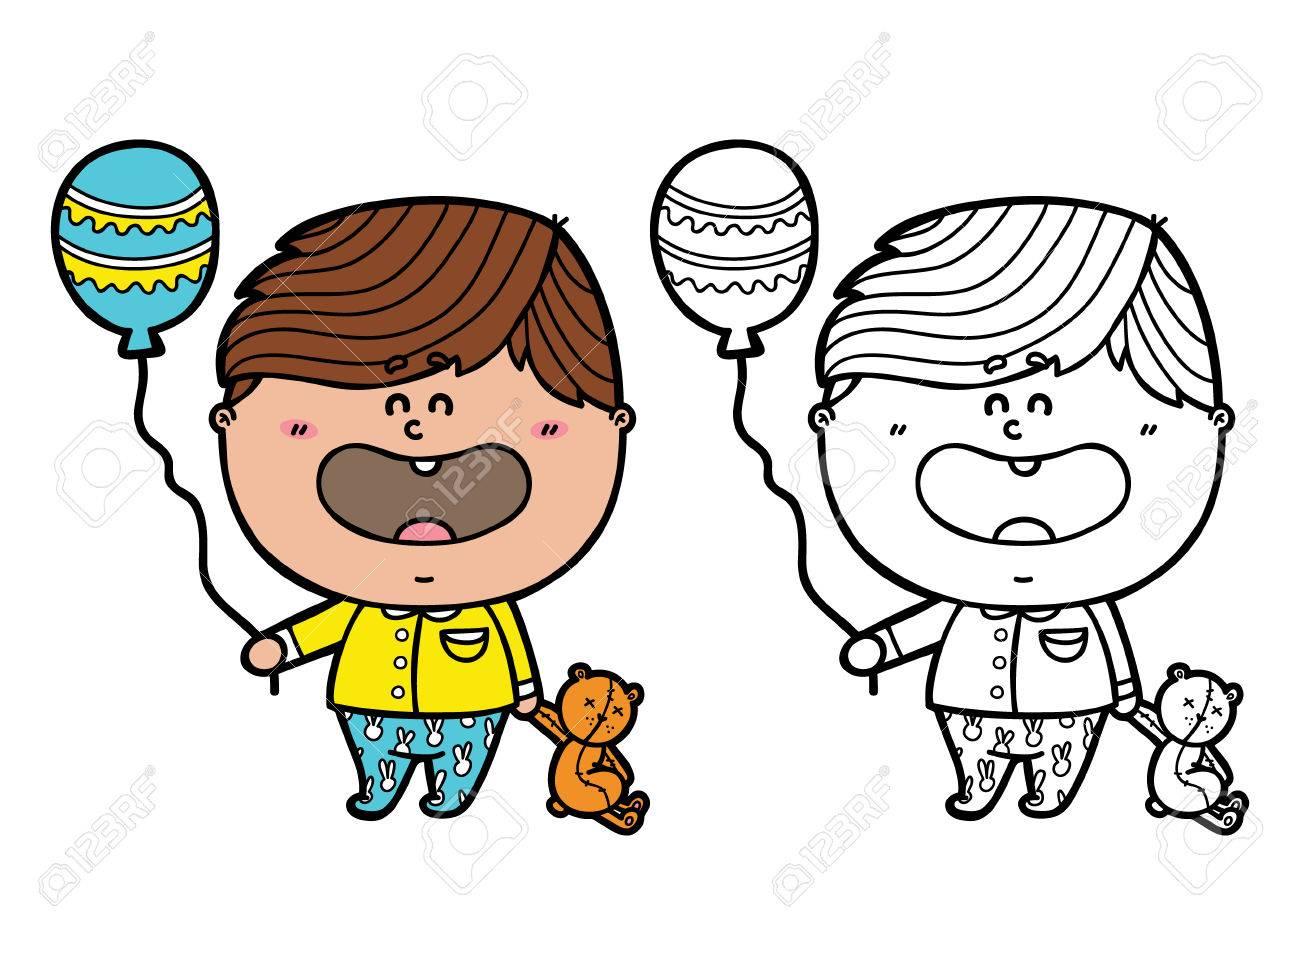 funny boy vector illustration coloring page of happy cartoon